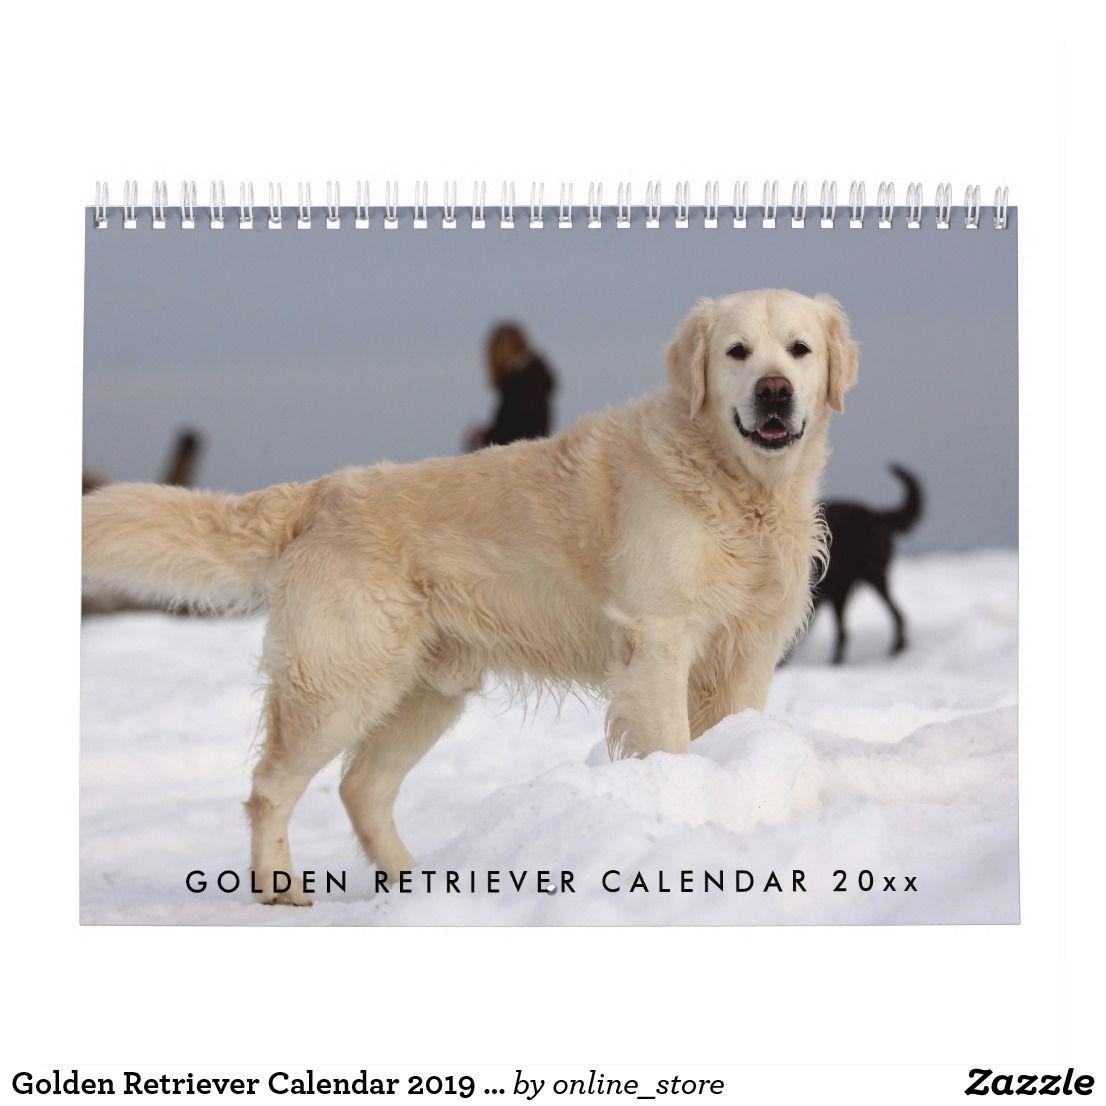 Golden Retriever Calendar 2020 With Your Photos Zazzle Com